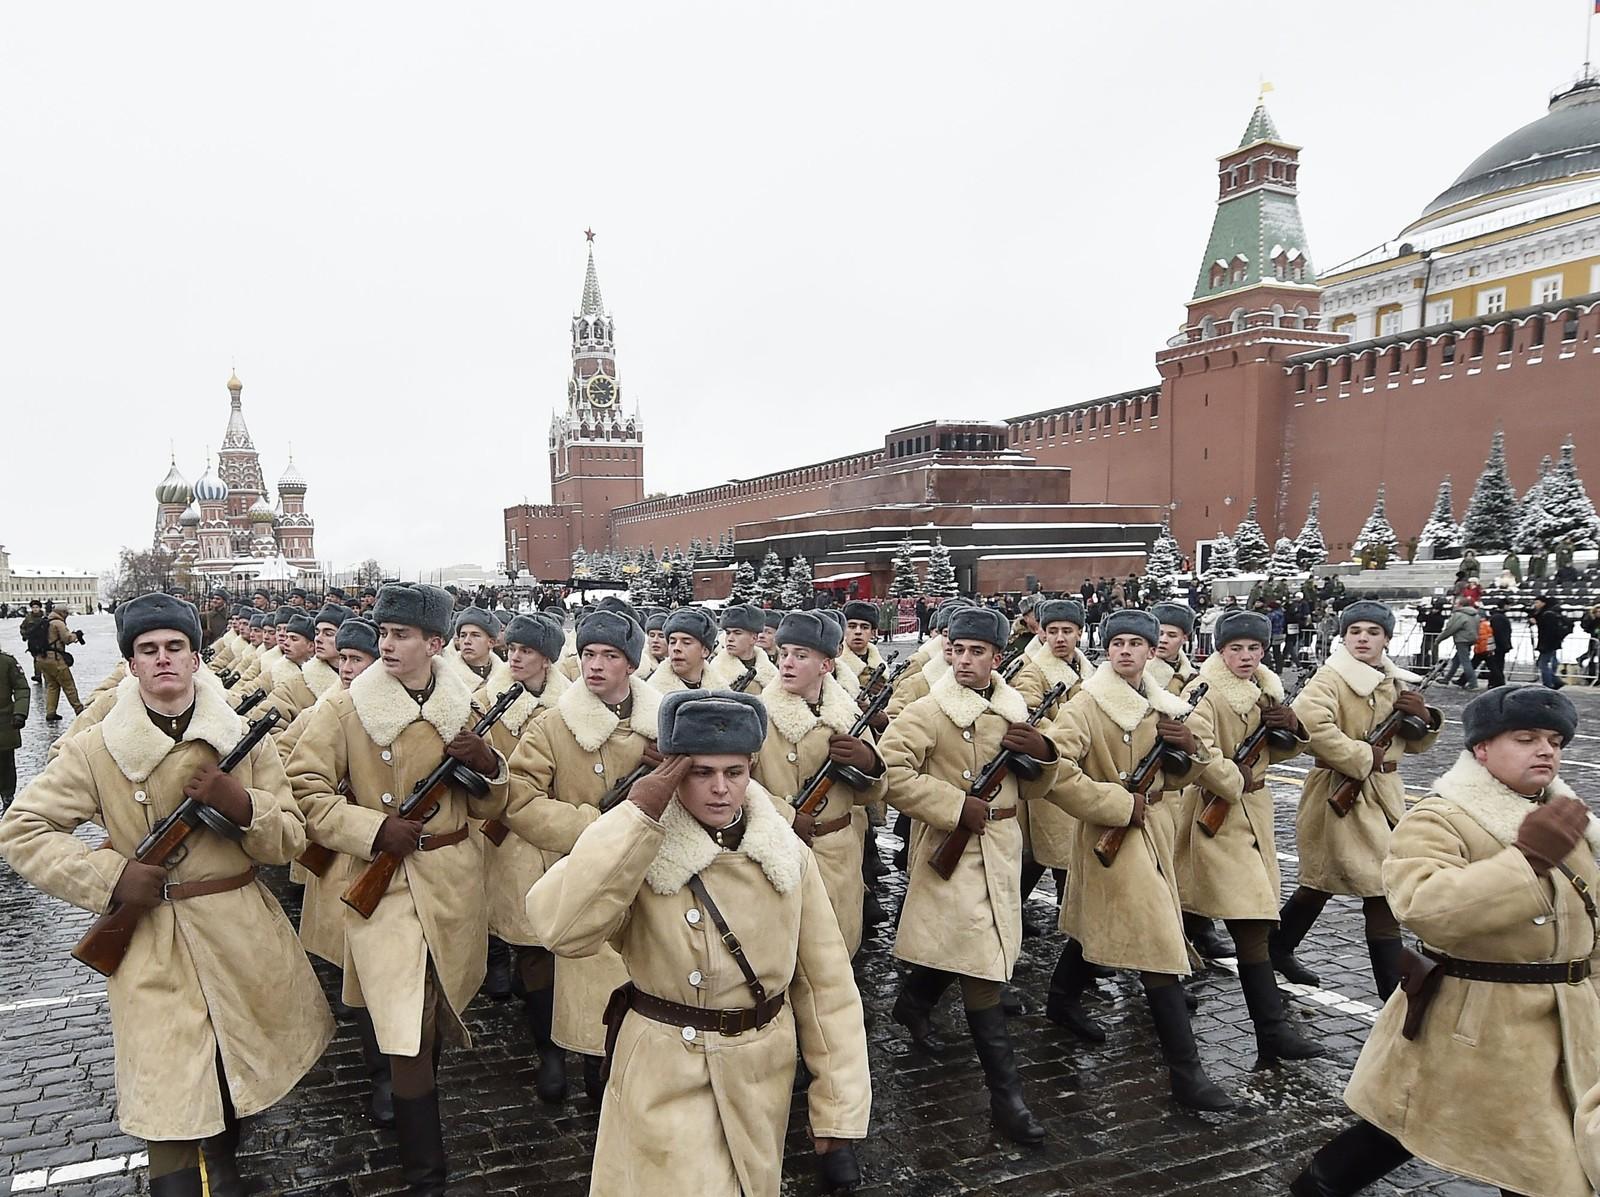 Tilbakeblikket på paraden i 1941 vart emosjonelt for krigsveteranane som var til stades. 5500 menn og gutar deltok i paraden i dag.